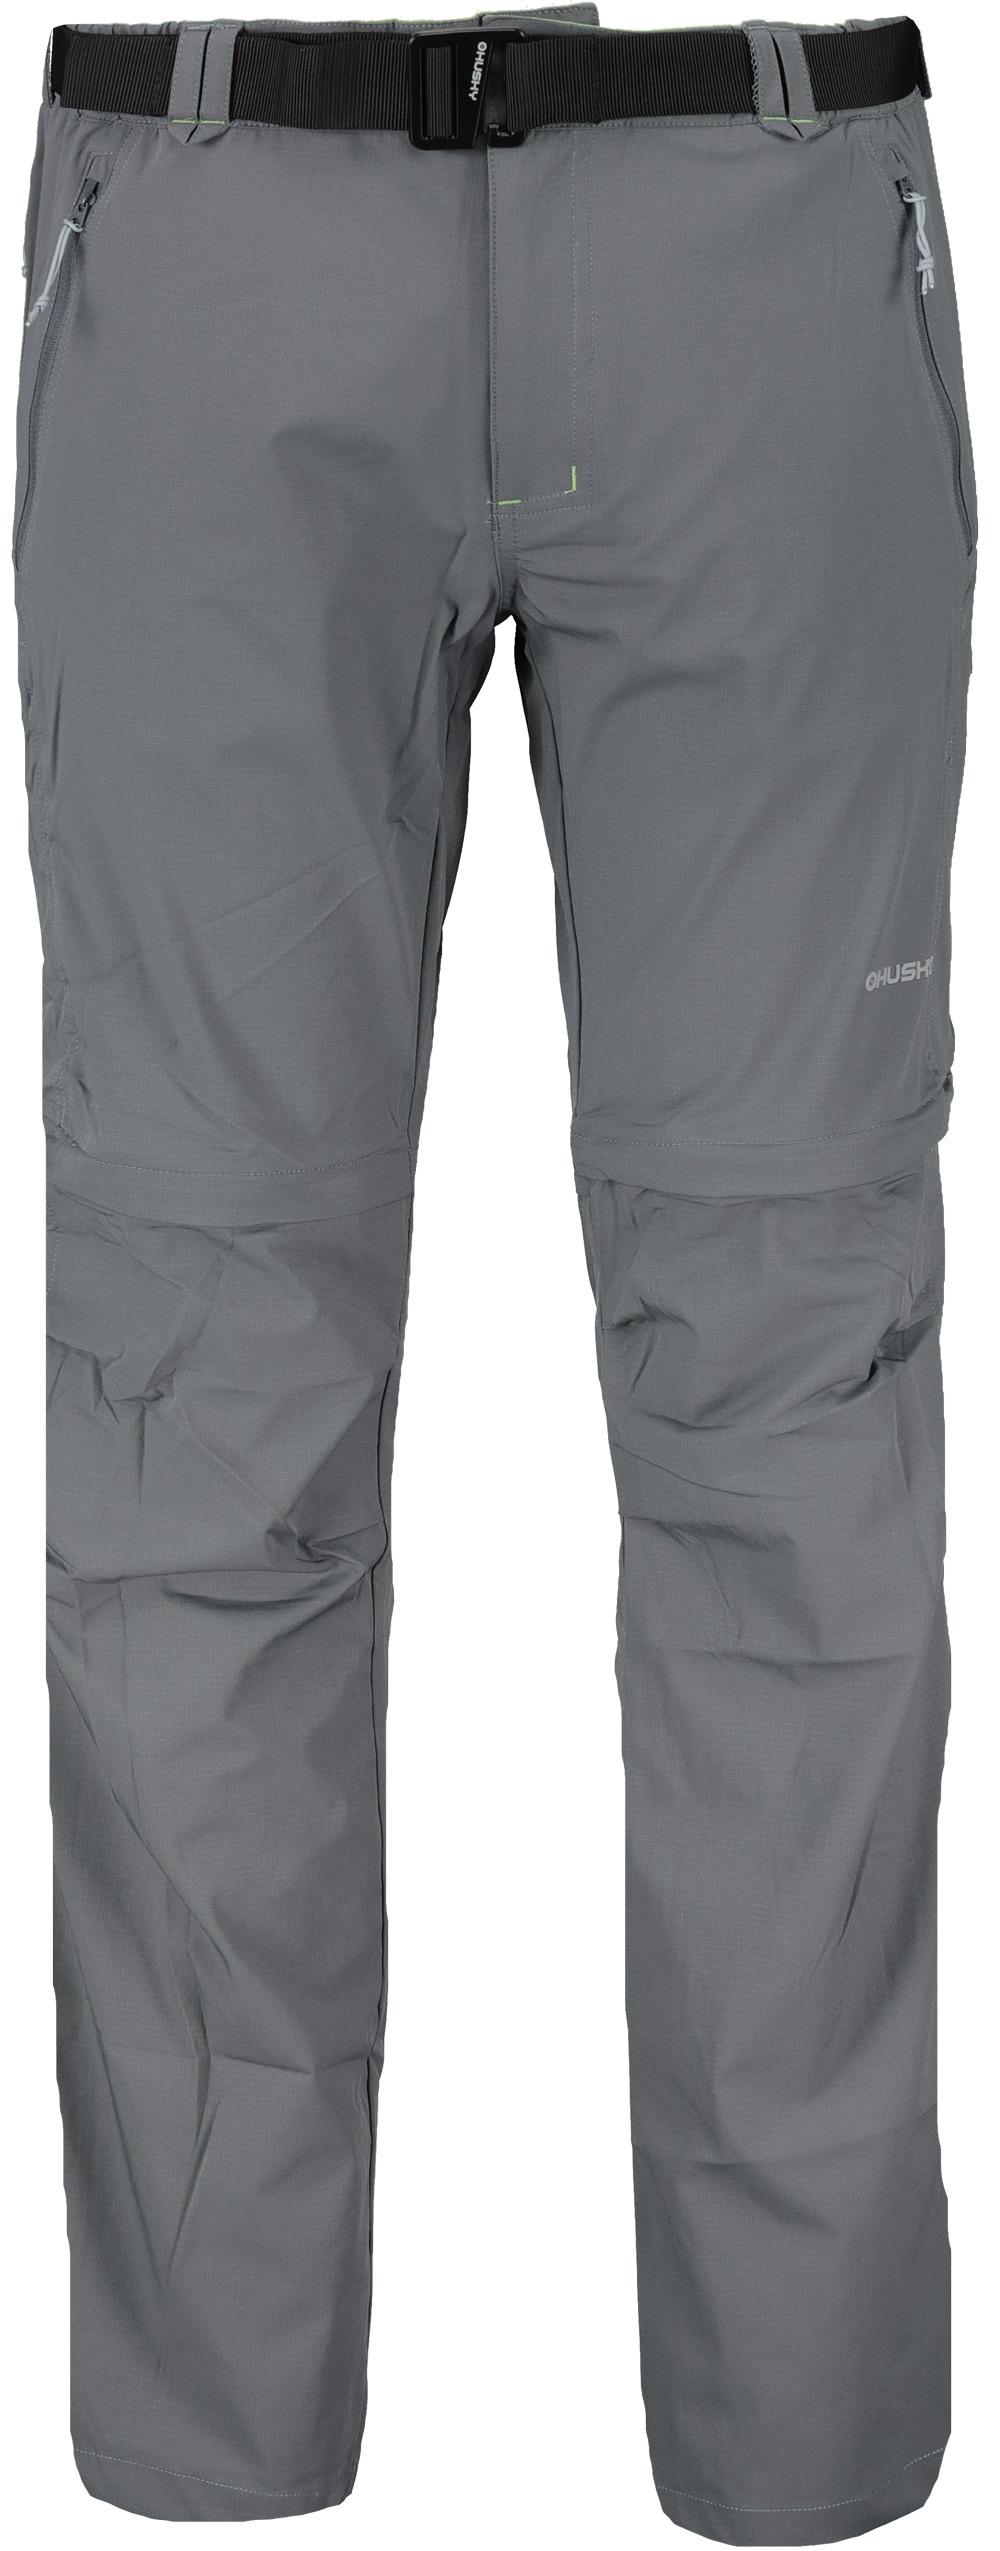 Outdoorové kalhoty pánské HUSKY PILON M